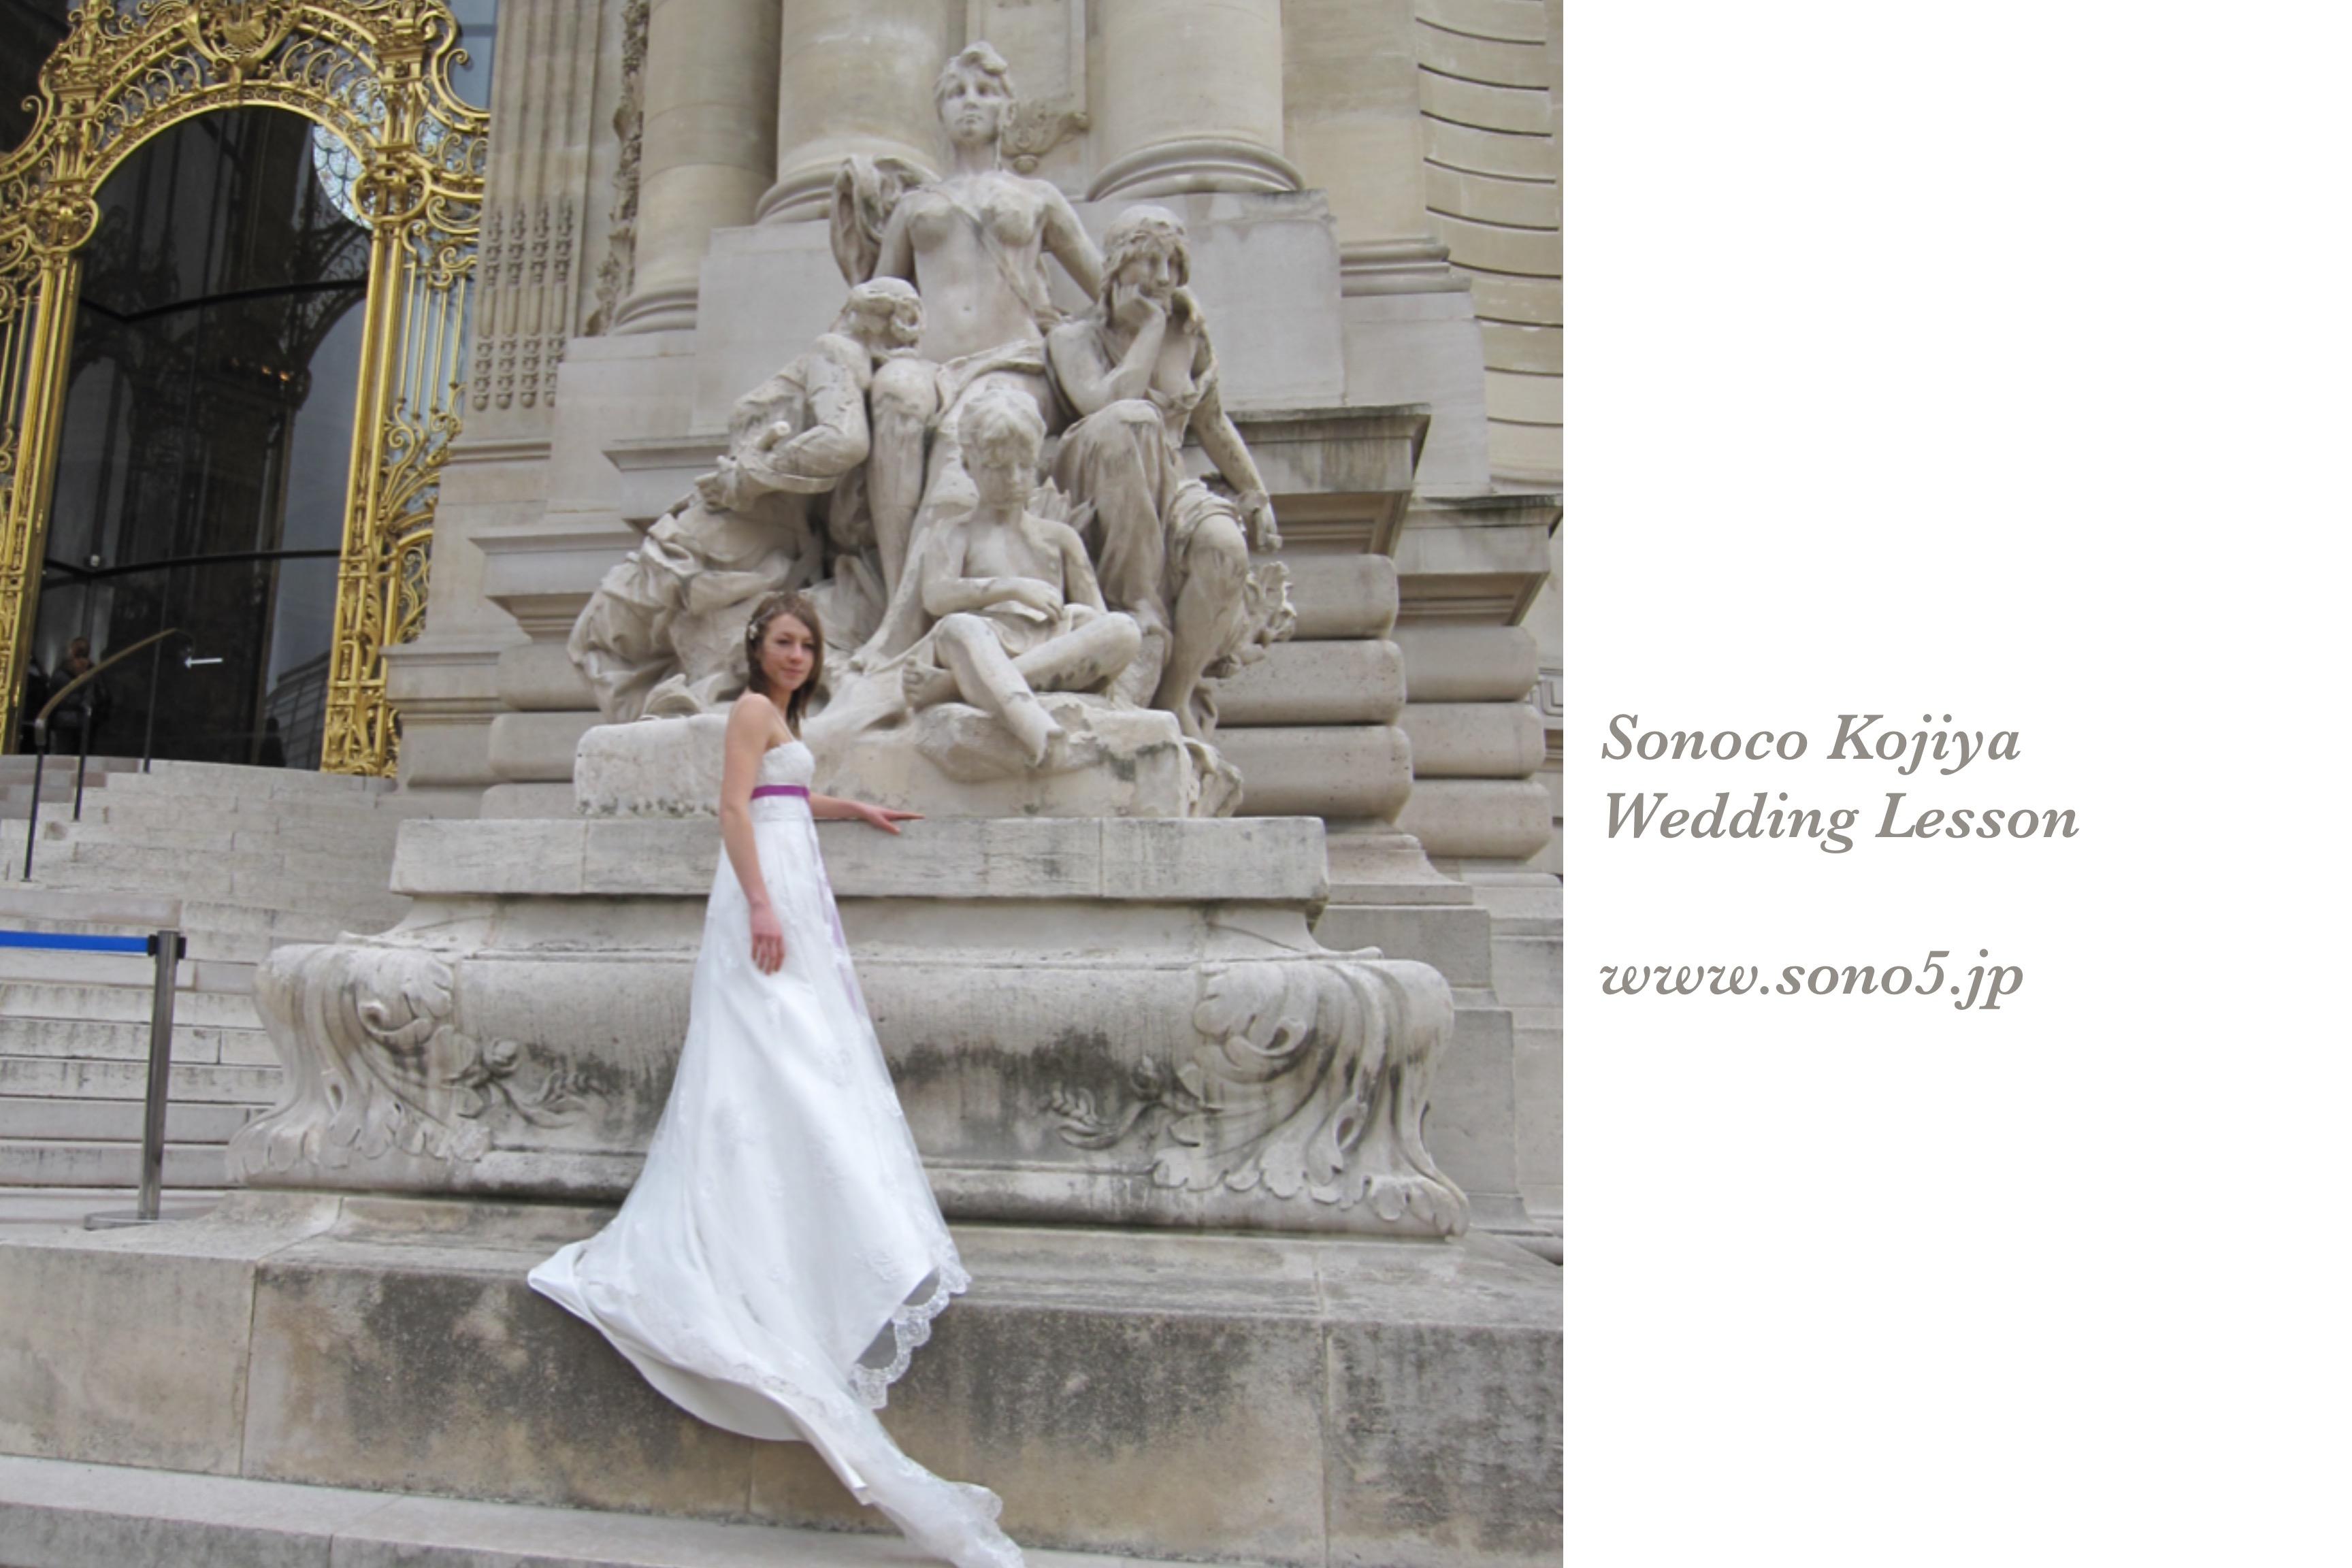 花嫁さんが美しく魅せるために気を付けるポイントはここ! ブライダルウォーキング&ブライダルレッスン